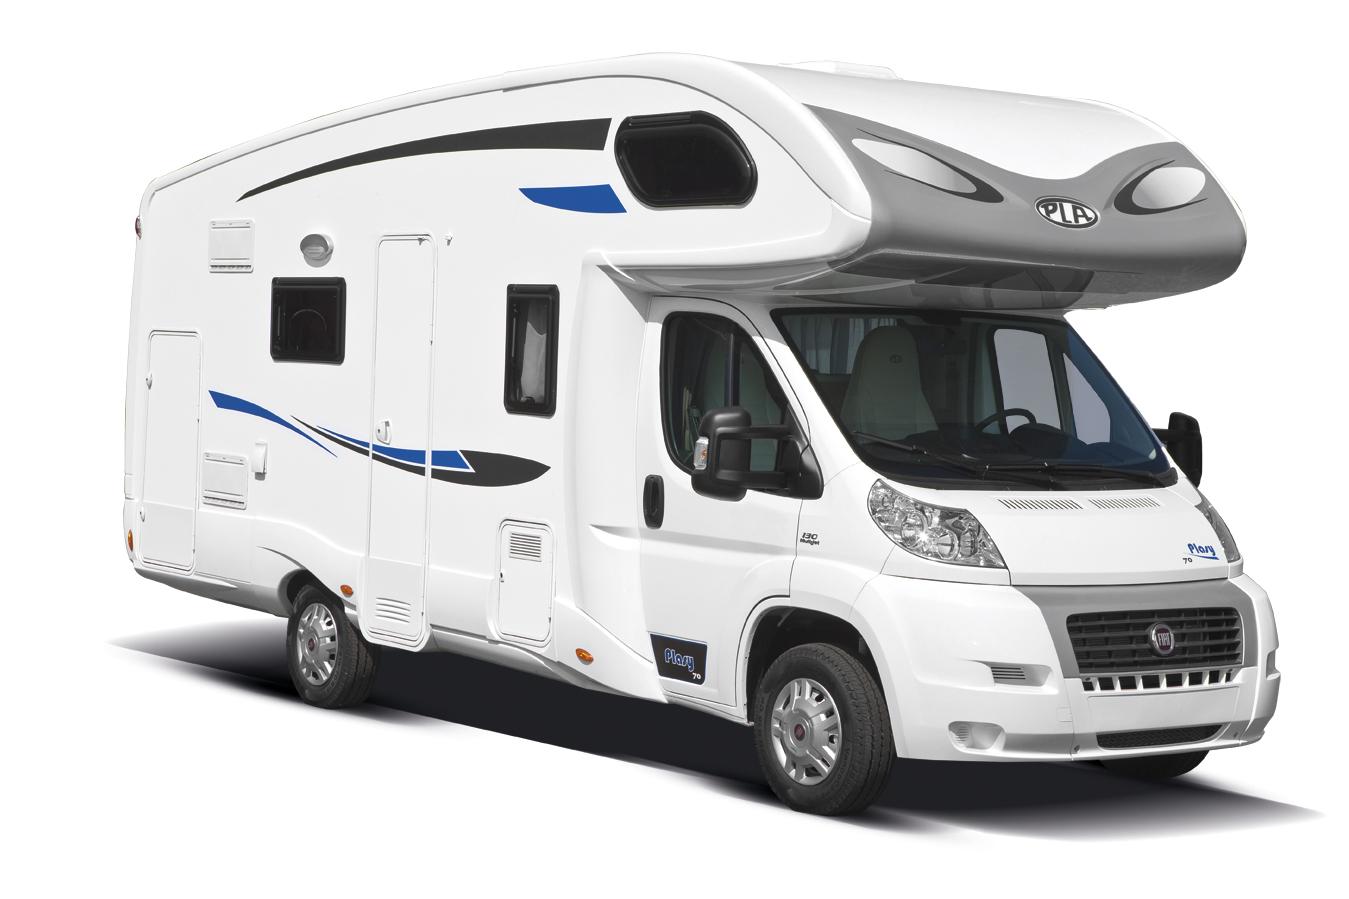 chauffage webasto pour camping car vente chauffage autonome auto. Black Bedroom Furniture Sets. Home Design Ideas